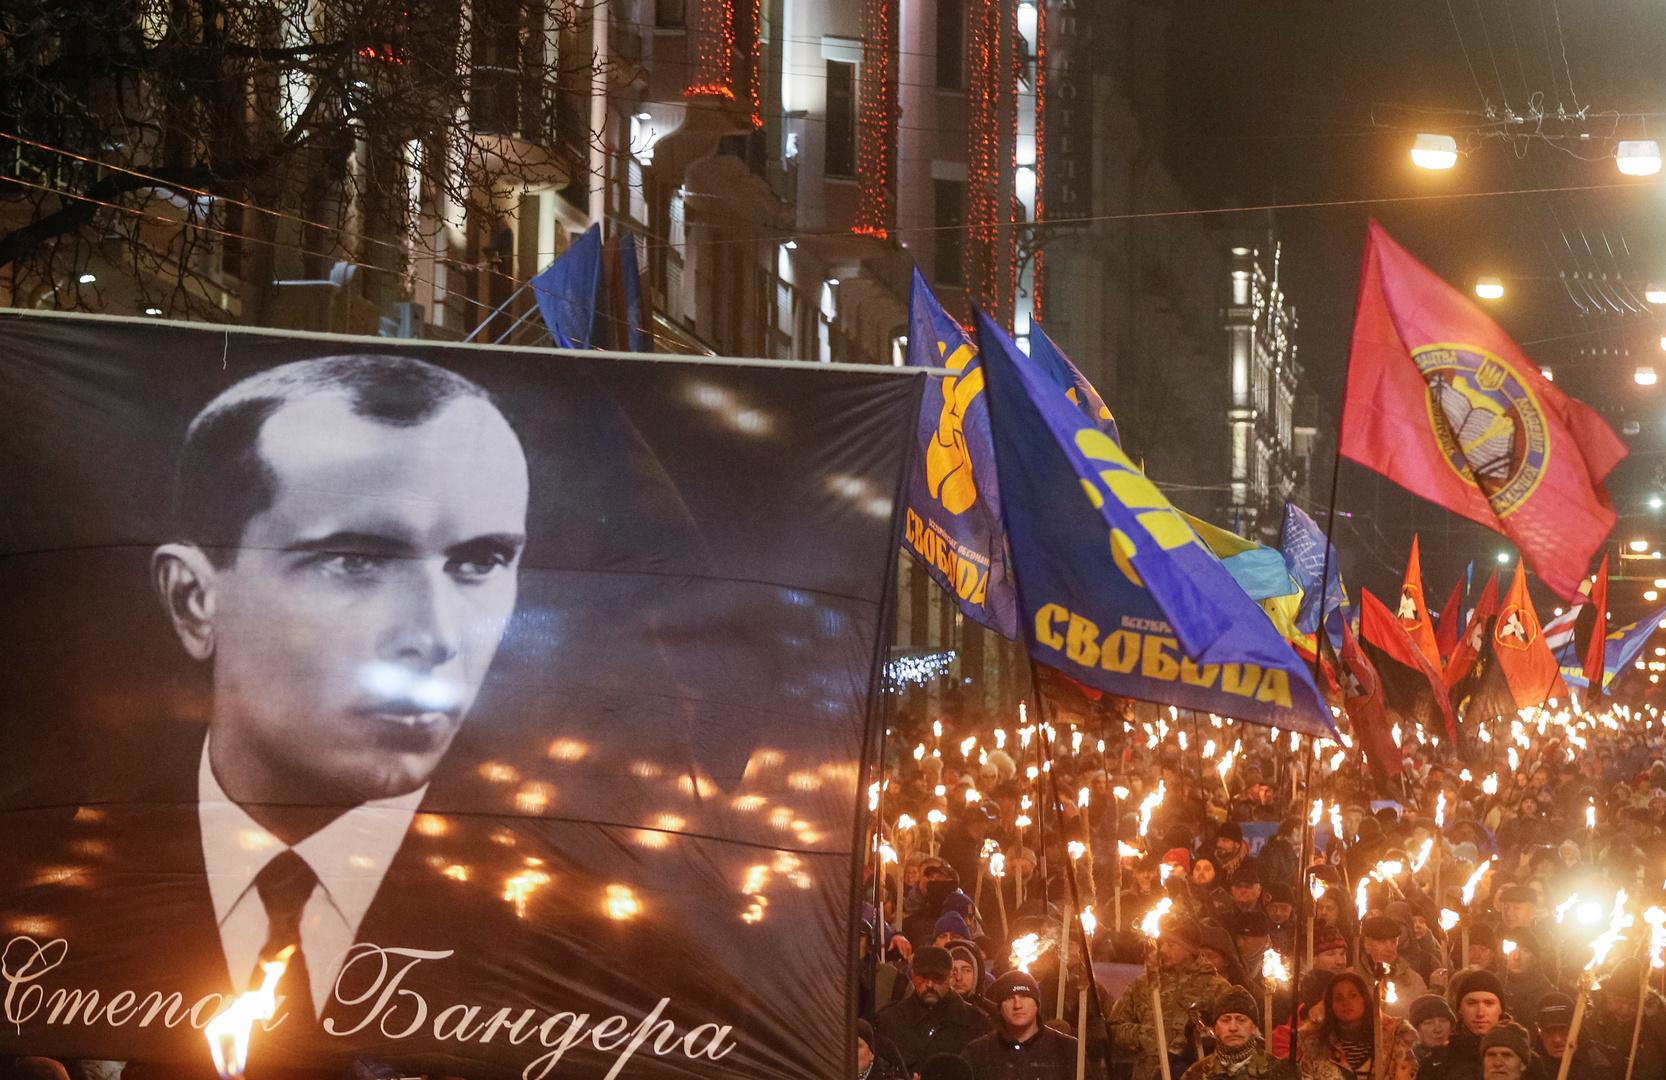 زاخاروفا: بطل أوكرانيا القومي عميل لهتلر